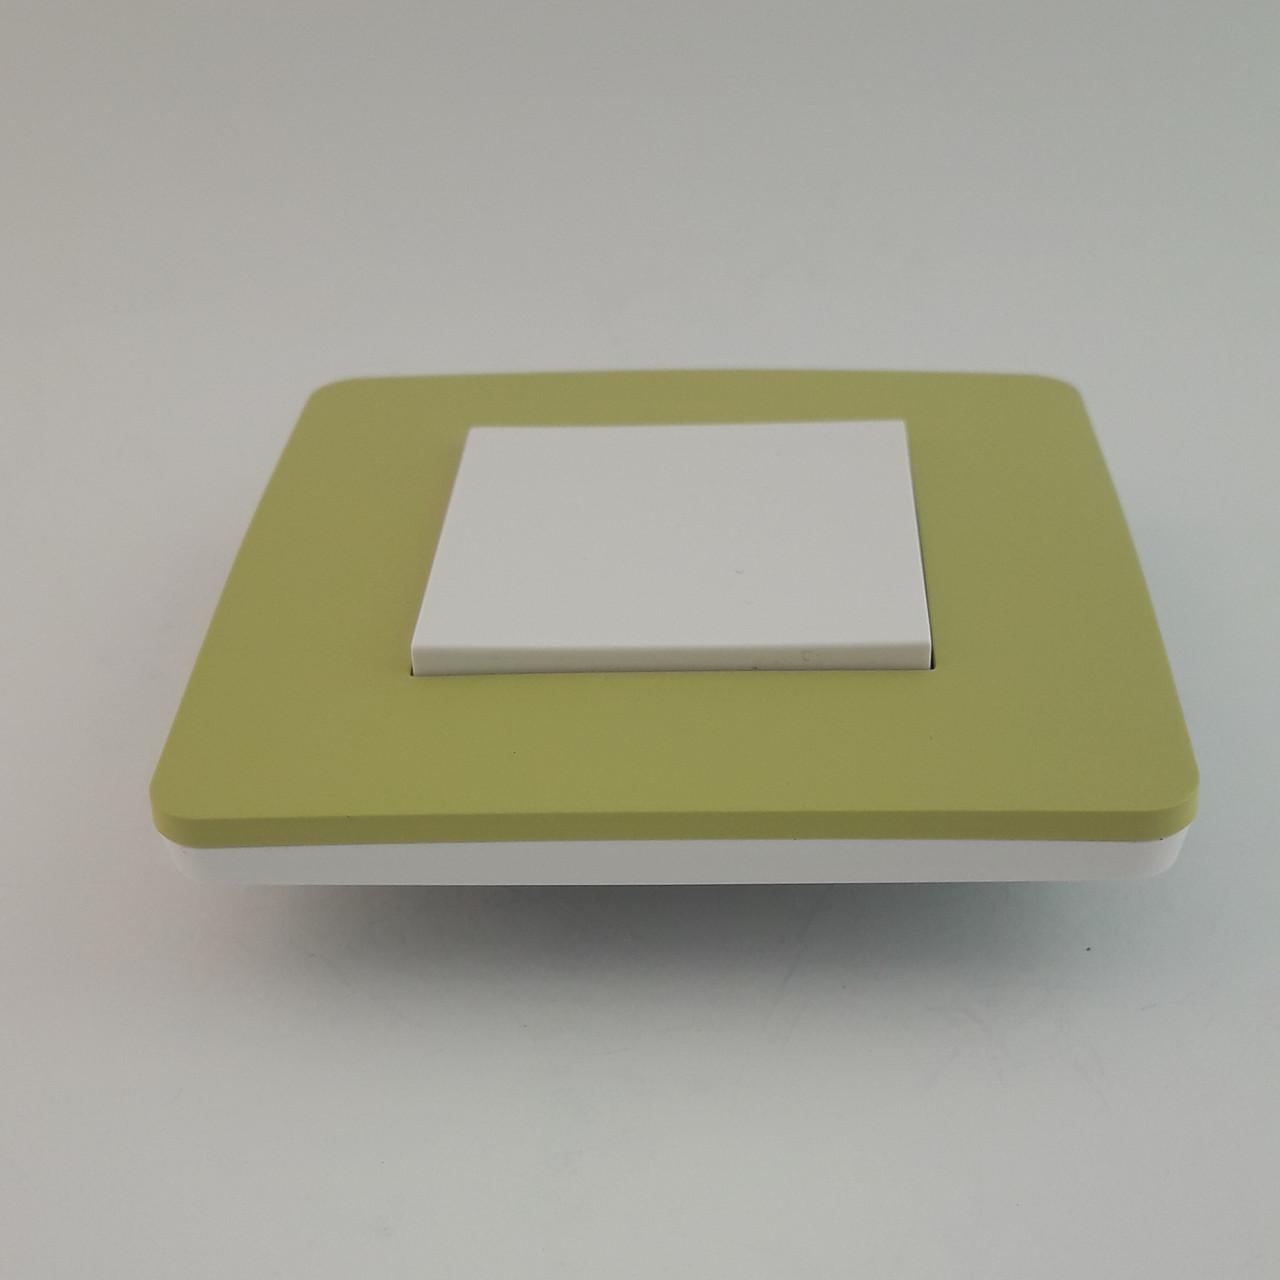 Рамка 2 постовая Studio Color, зеленое яблоко/белый, 2х2 модуля